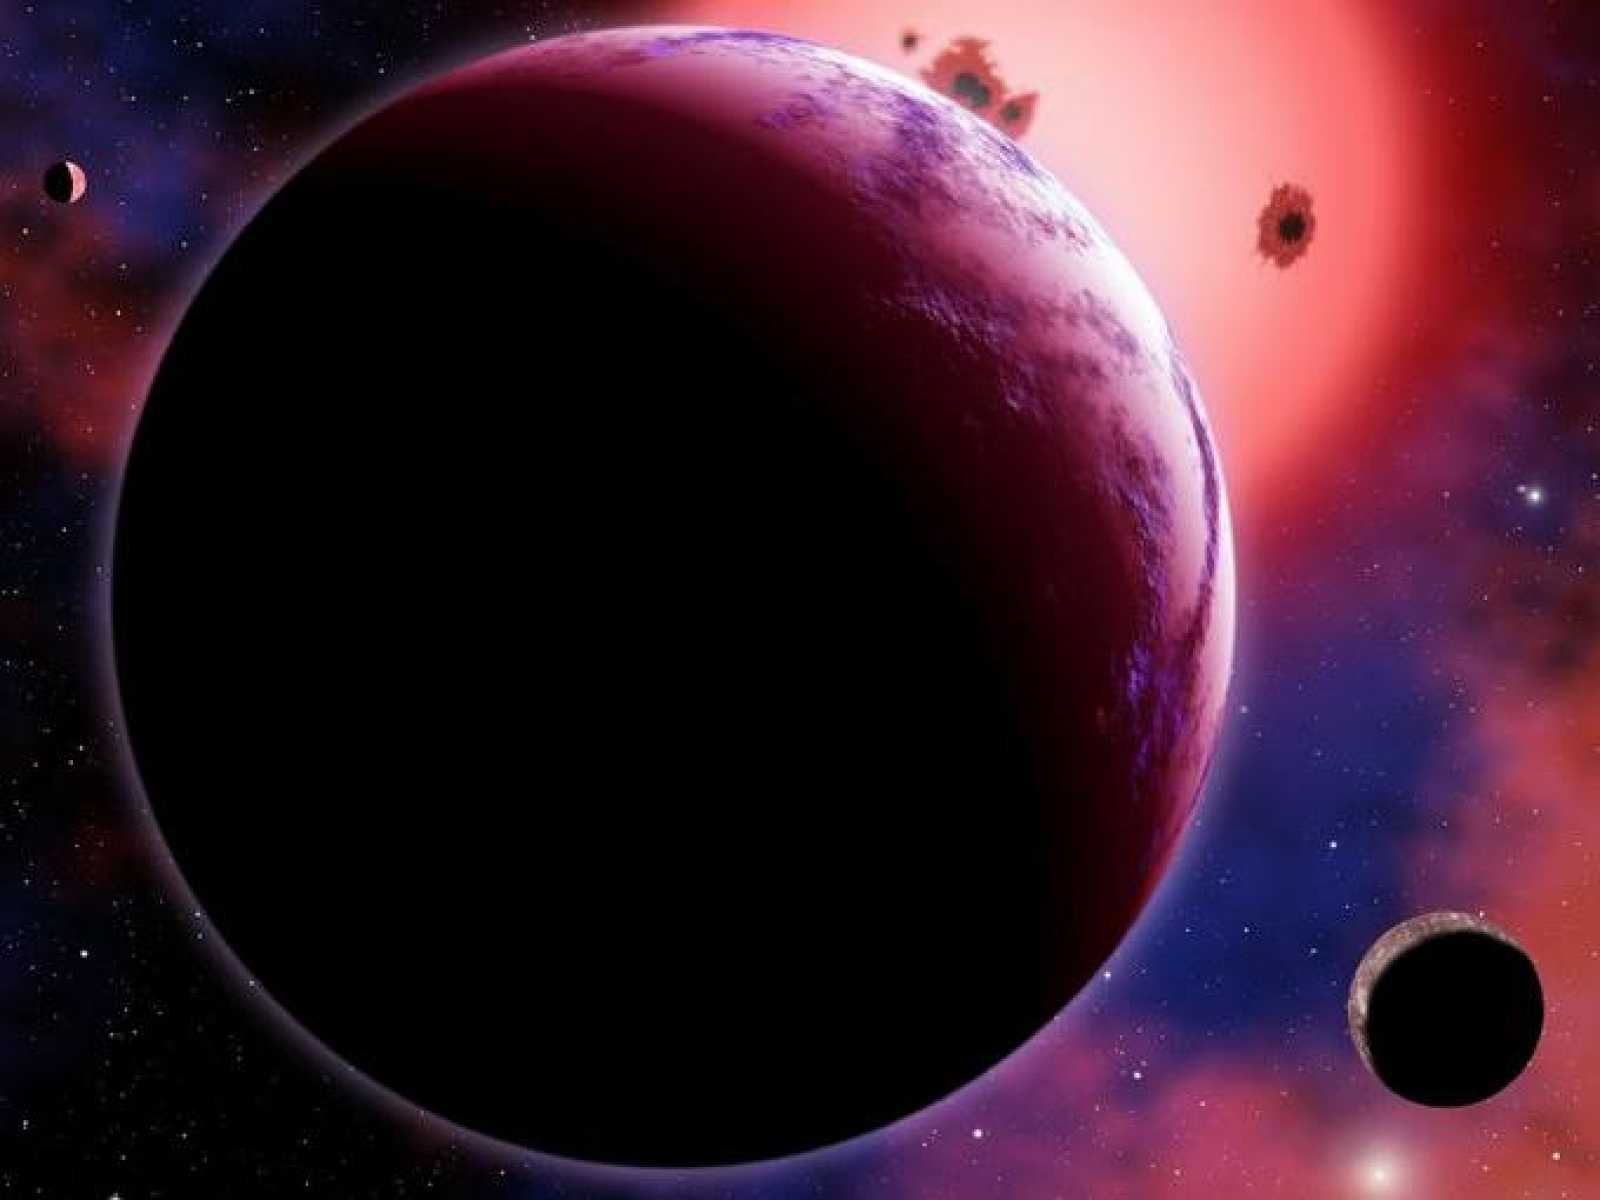 Representación artística del exoplaneta GJ 1214b